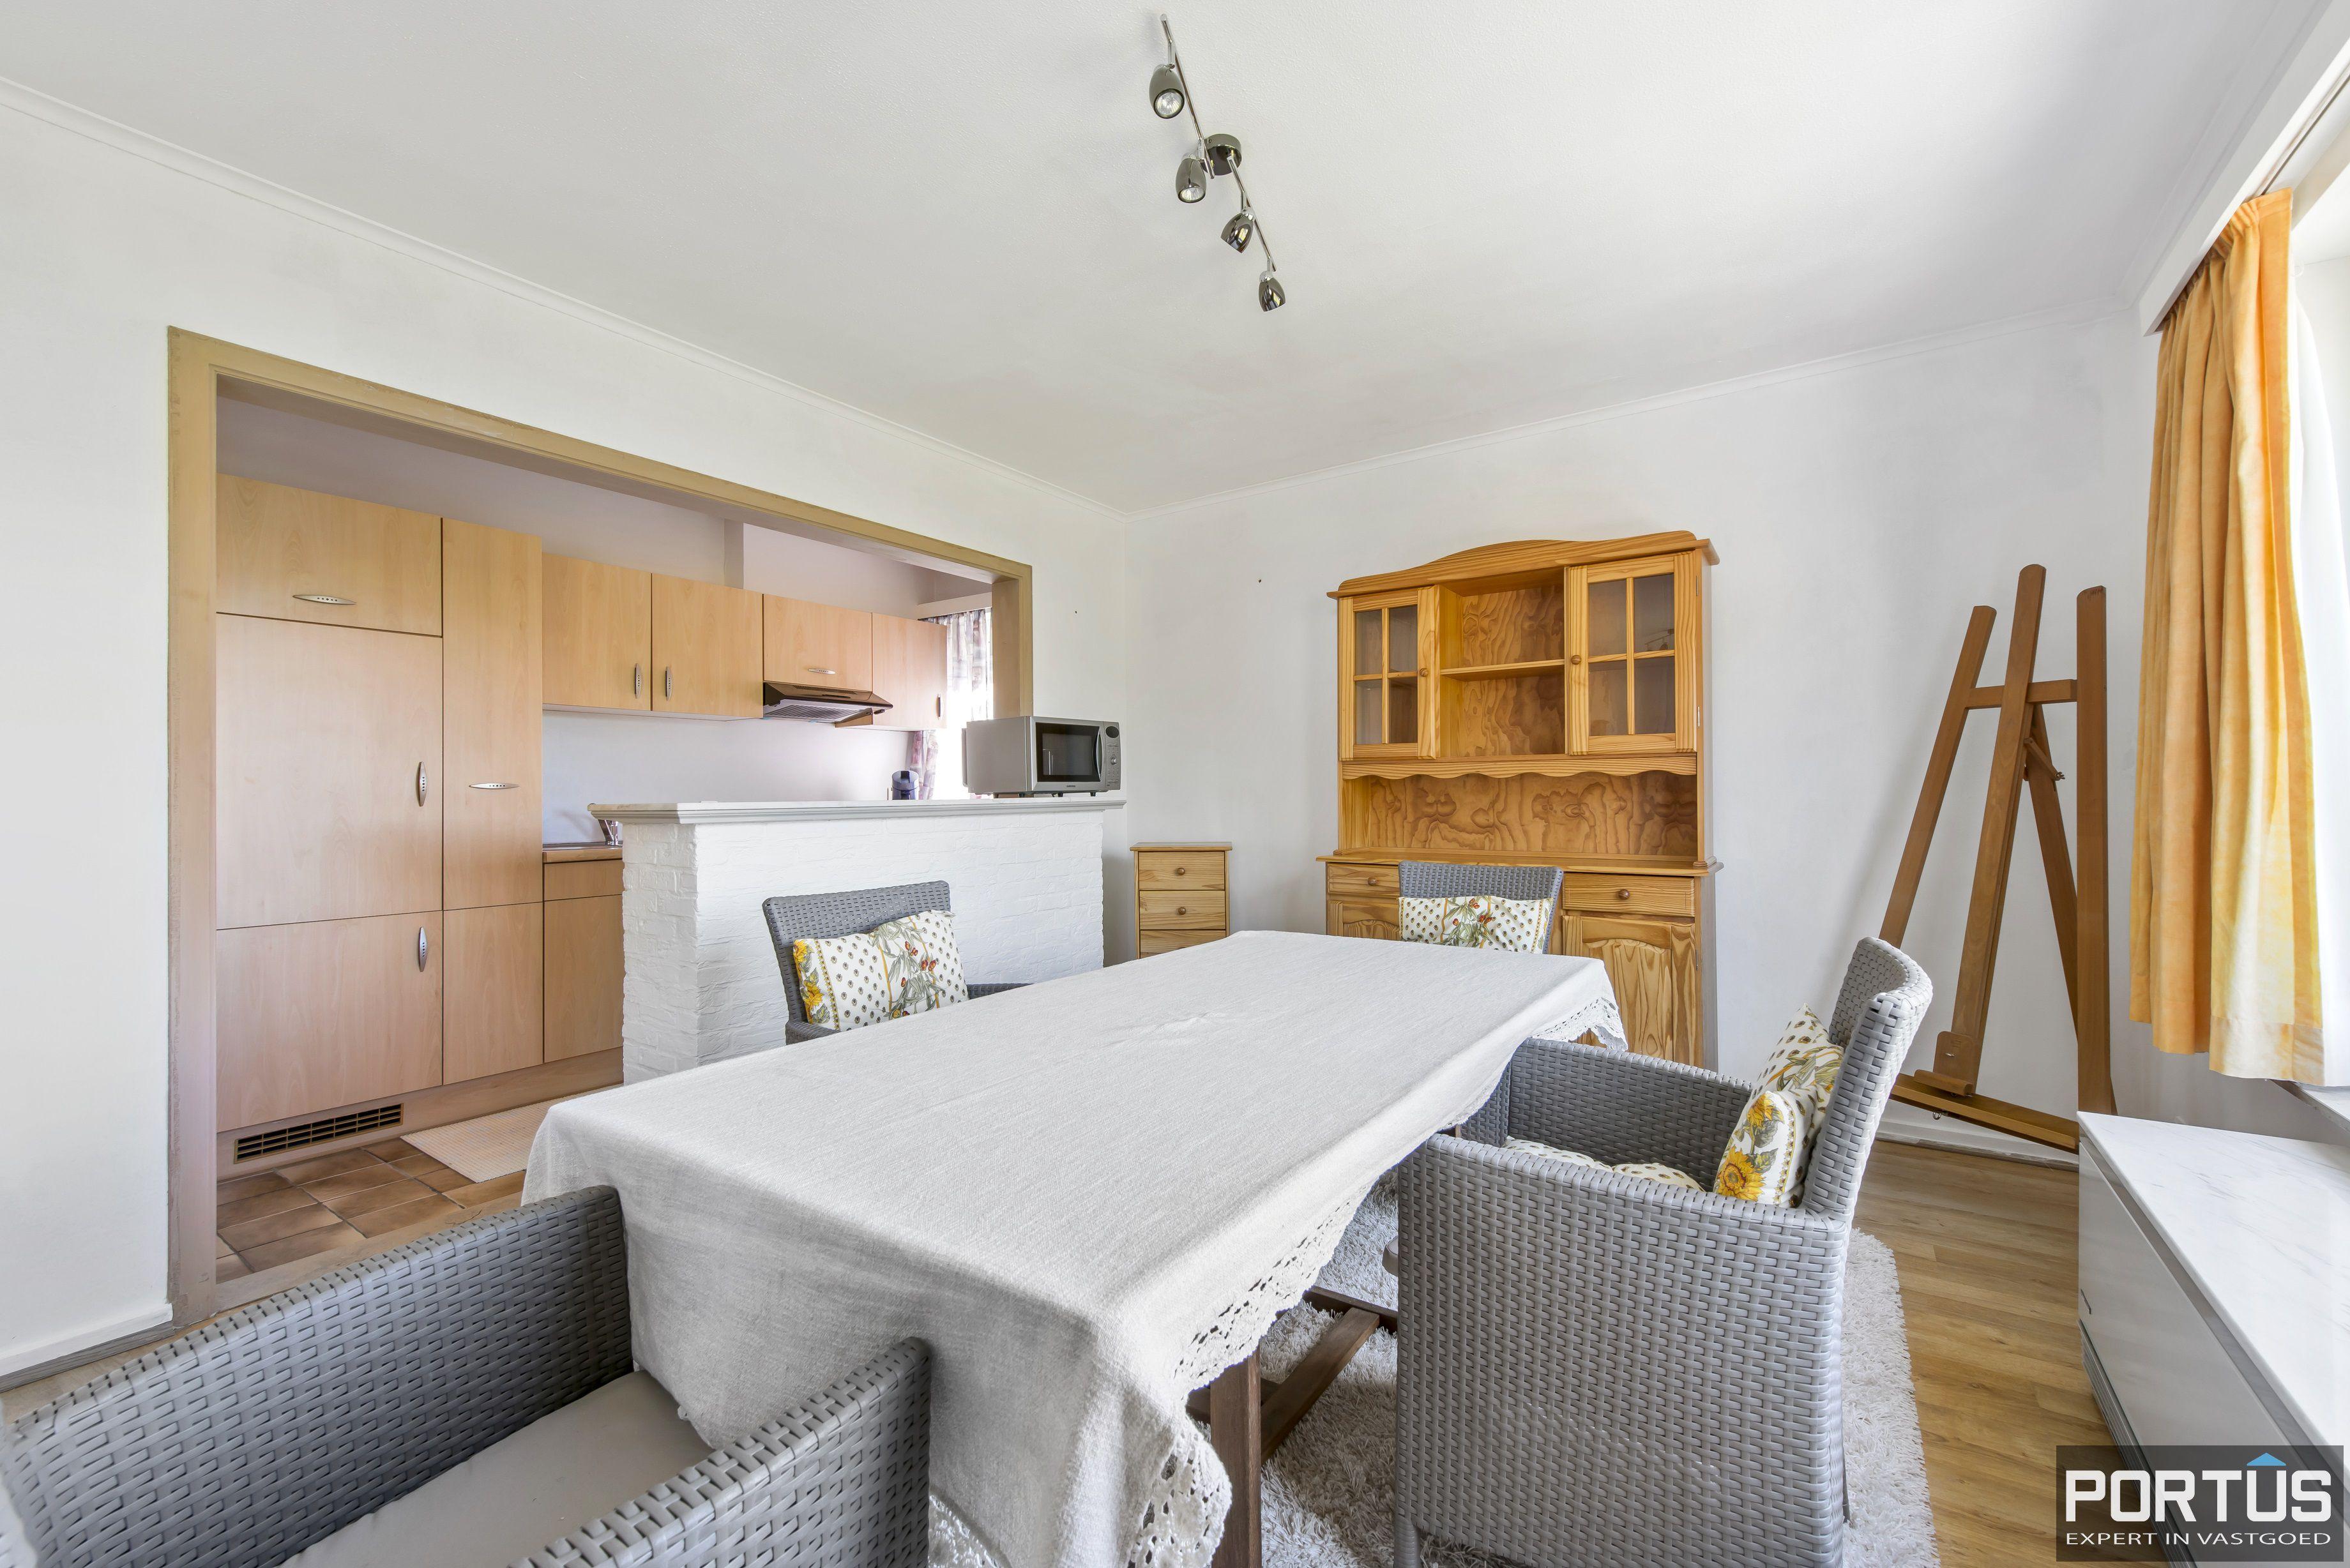 Appartement met 2 slaapkamers te koop te Nieuwpoort - 11135